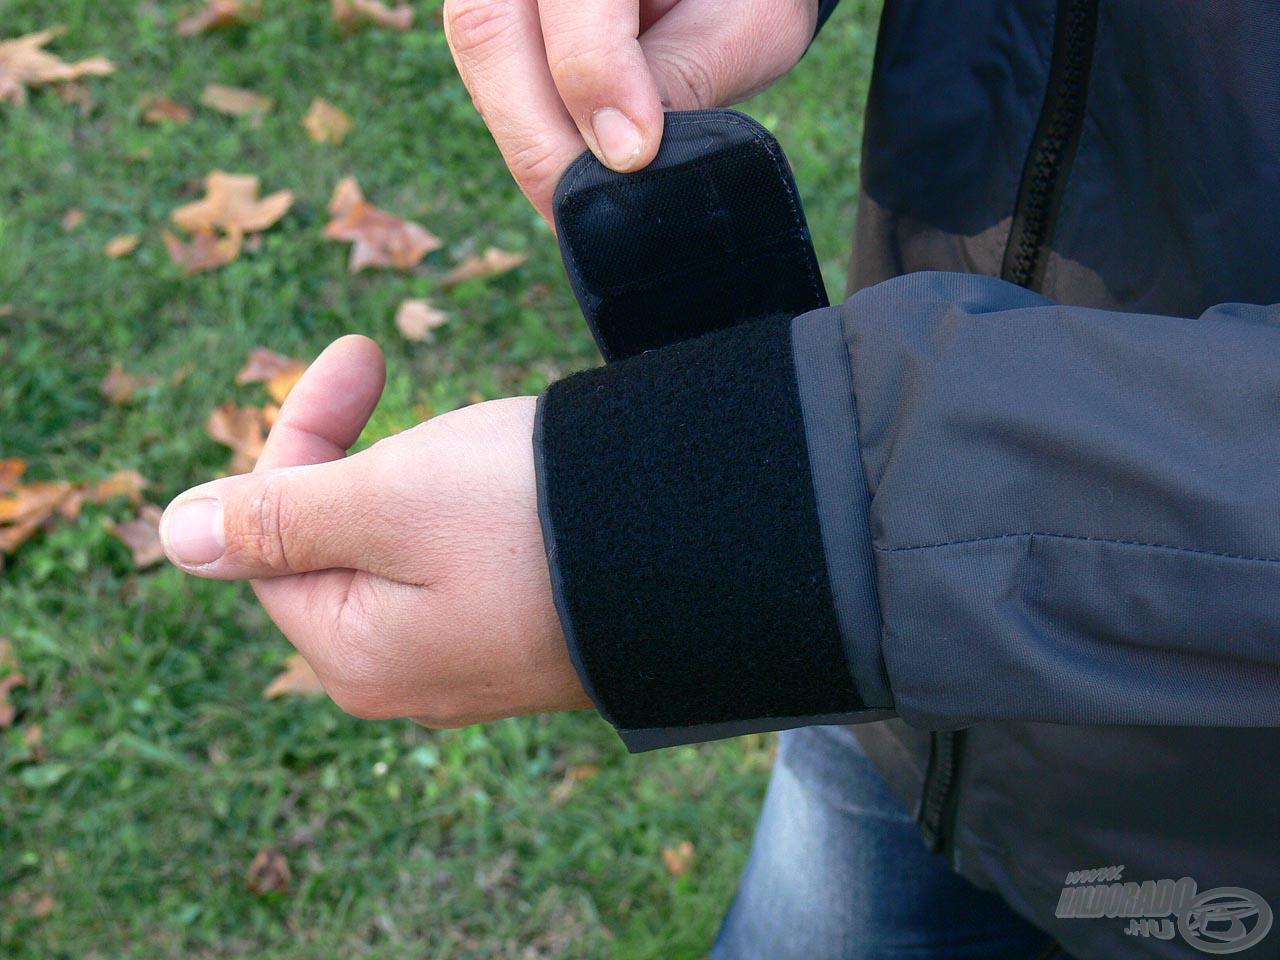 Rendkívül széles, tépőzáras mandzsetta került a csuklókhoz, melyekkel szó szerint kizárható a hideg!